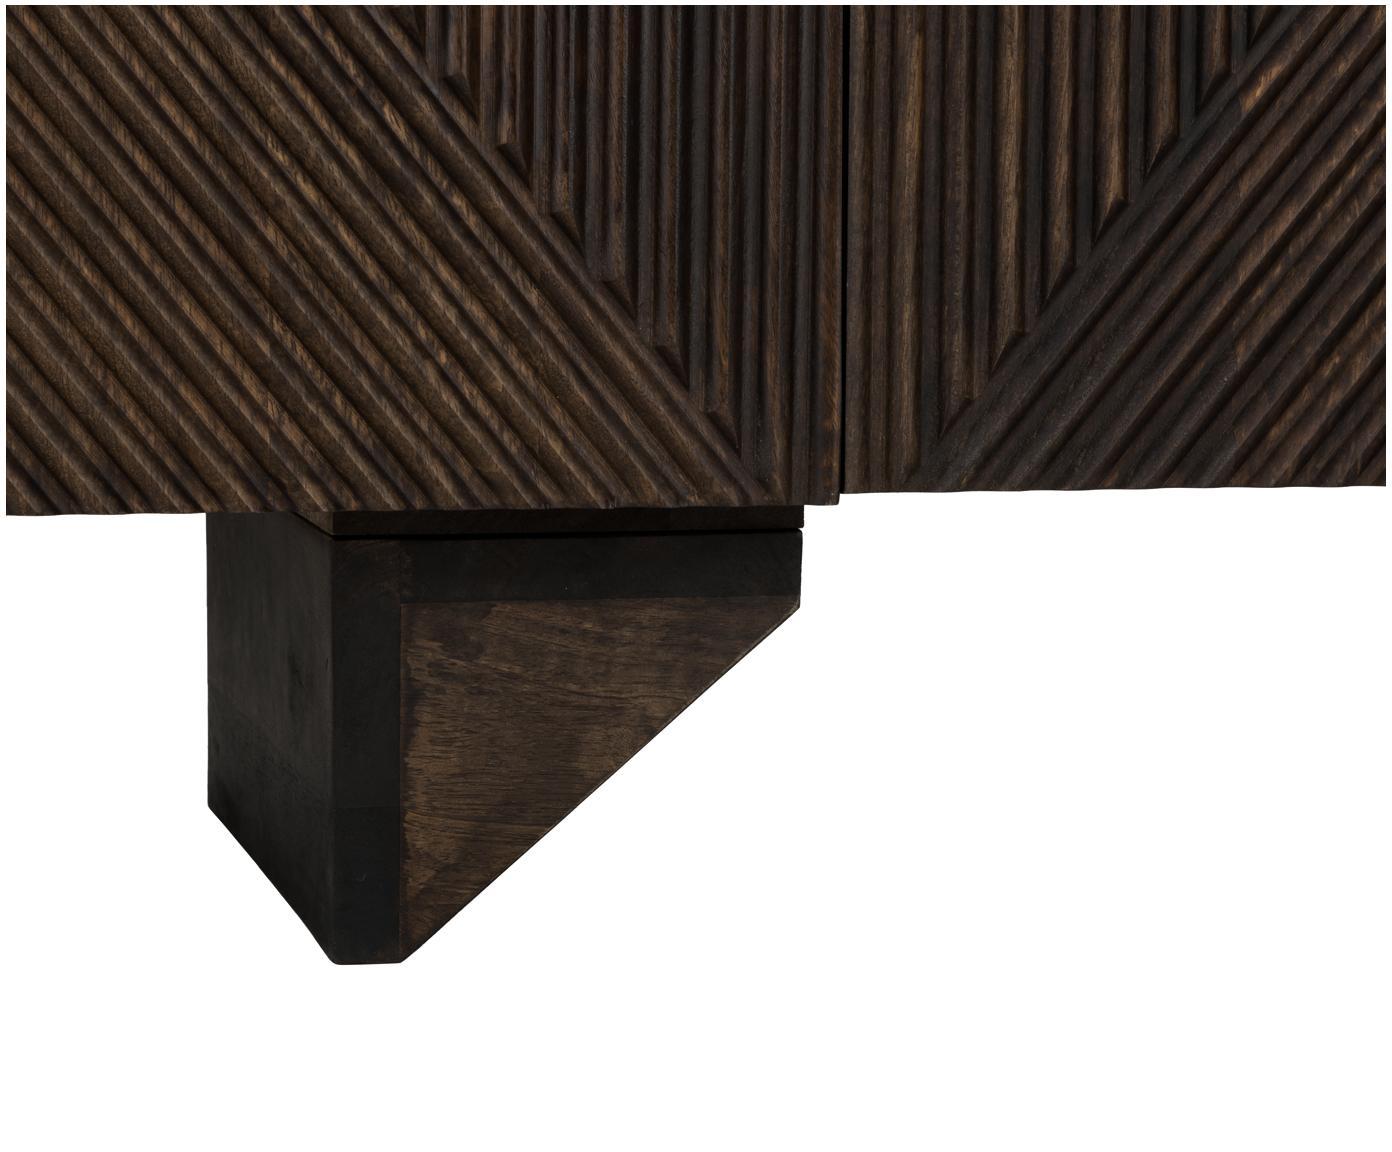 Dressoir Louis van massief mangohout, Massief mangohout, Gelakt mangohout, 177 x 75 cm